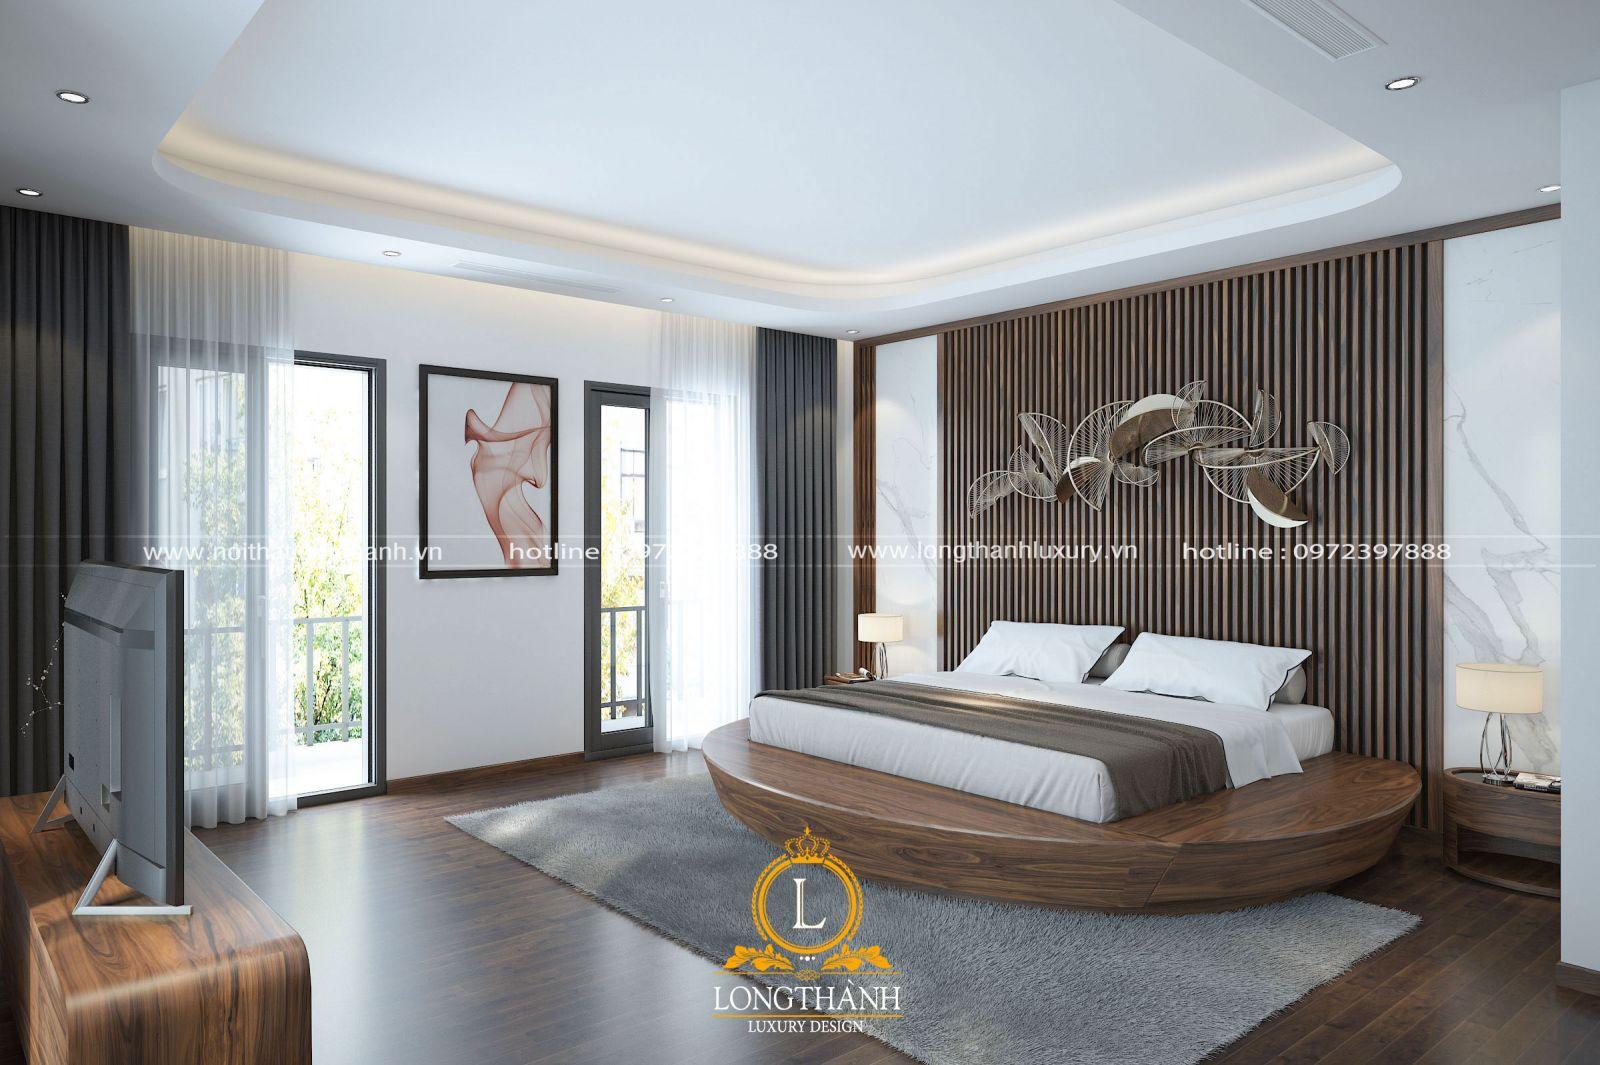 Mẫu thiết kế hiện đại cho phòng ngủ có diện tích rộng